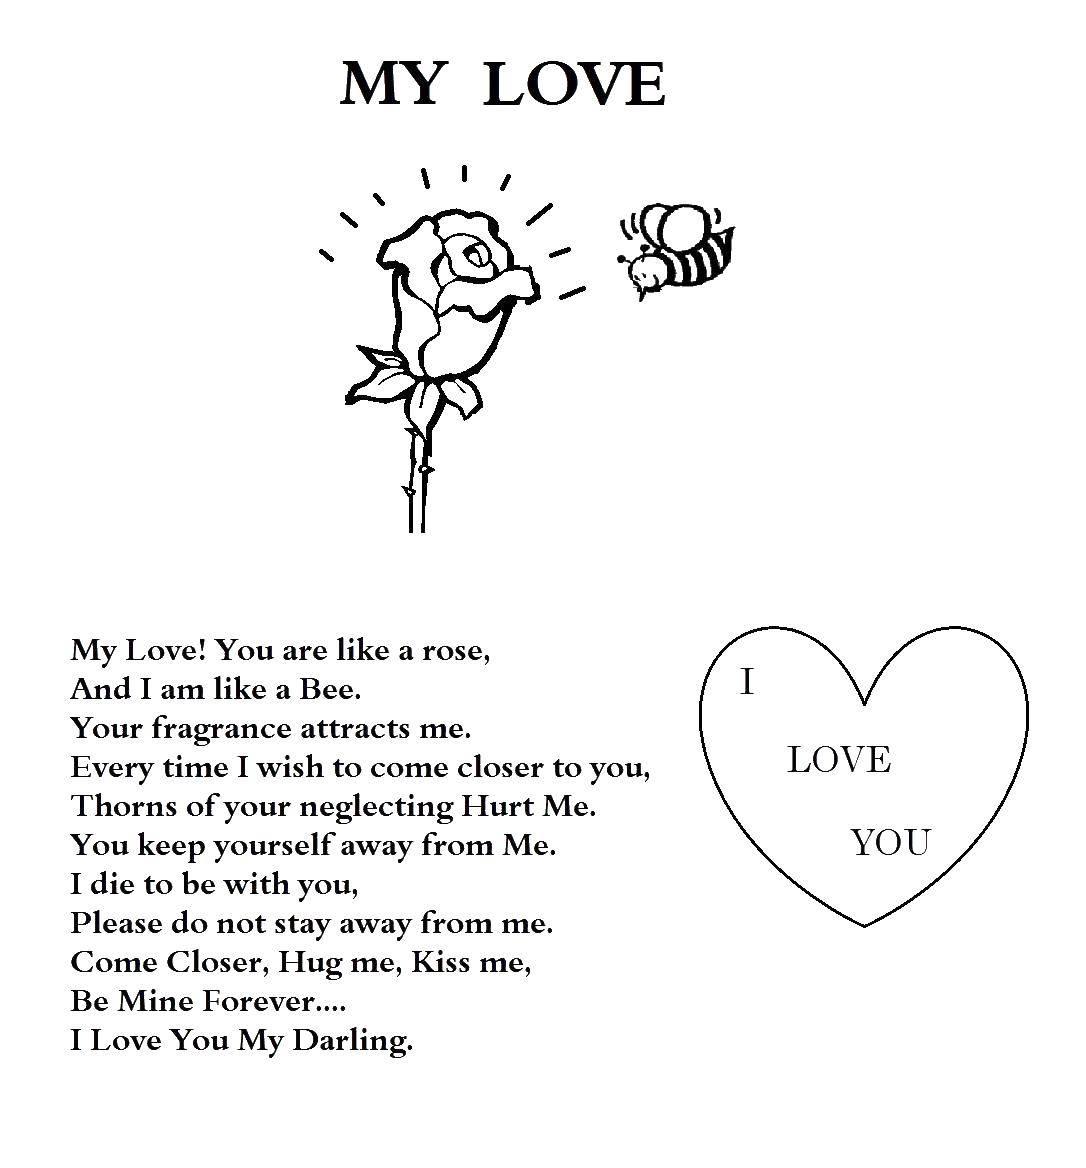 Раскраска Моя любовь Скачать роза, стих, моя любовь, английский.  Распечатать ,Я тебя люблю,